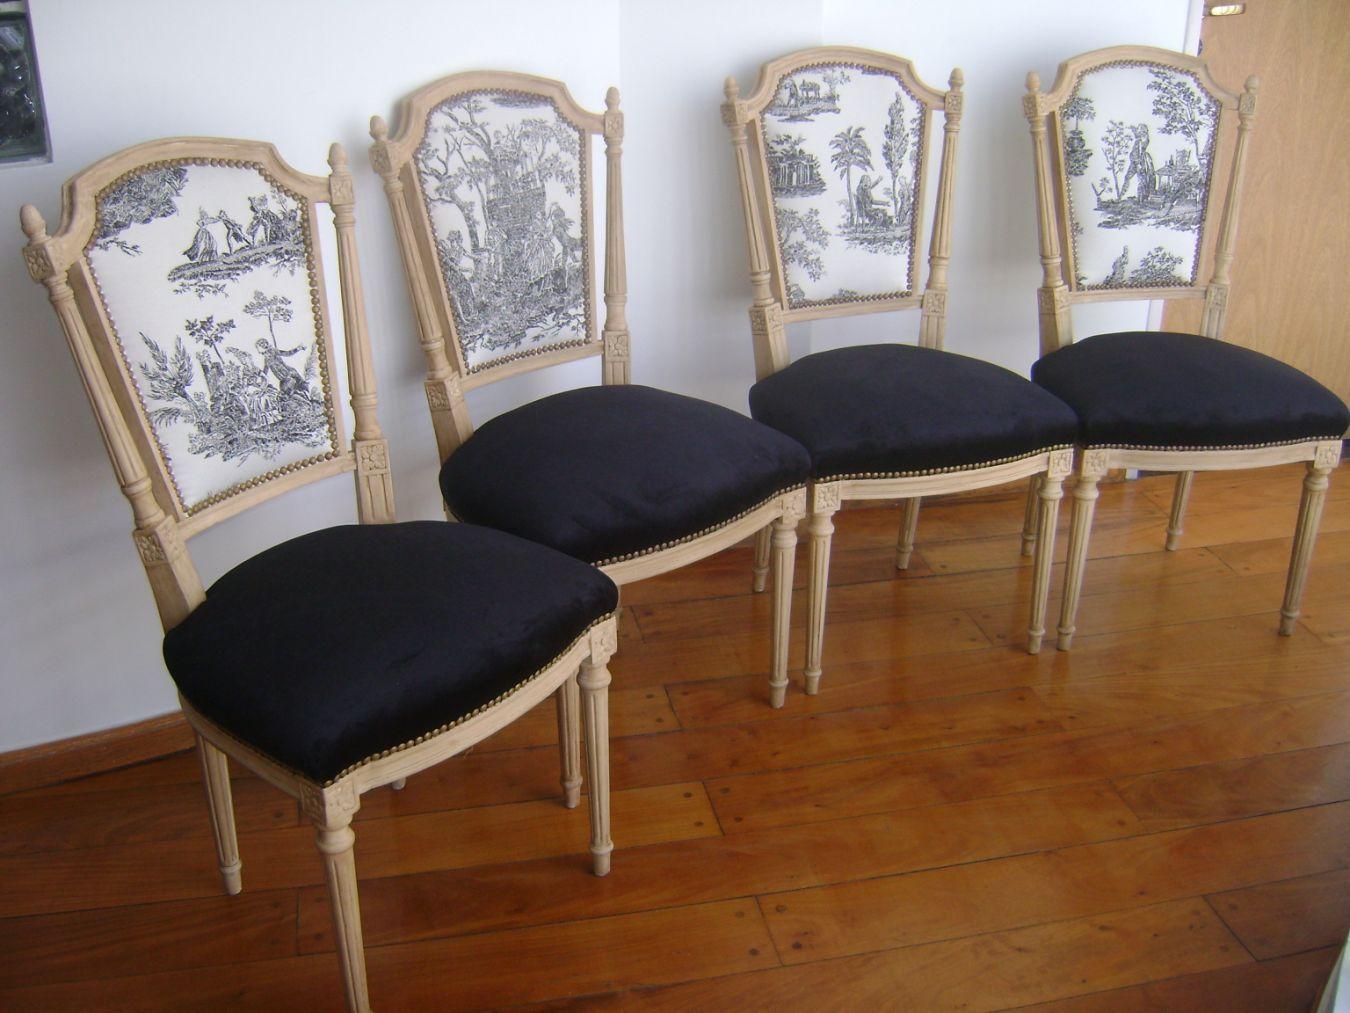 Juego de sillas estilo frances luis xvi 7200 en cosas para - Sillas estilo luis xvi ...